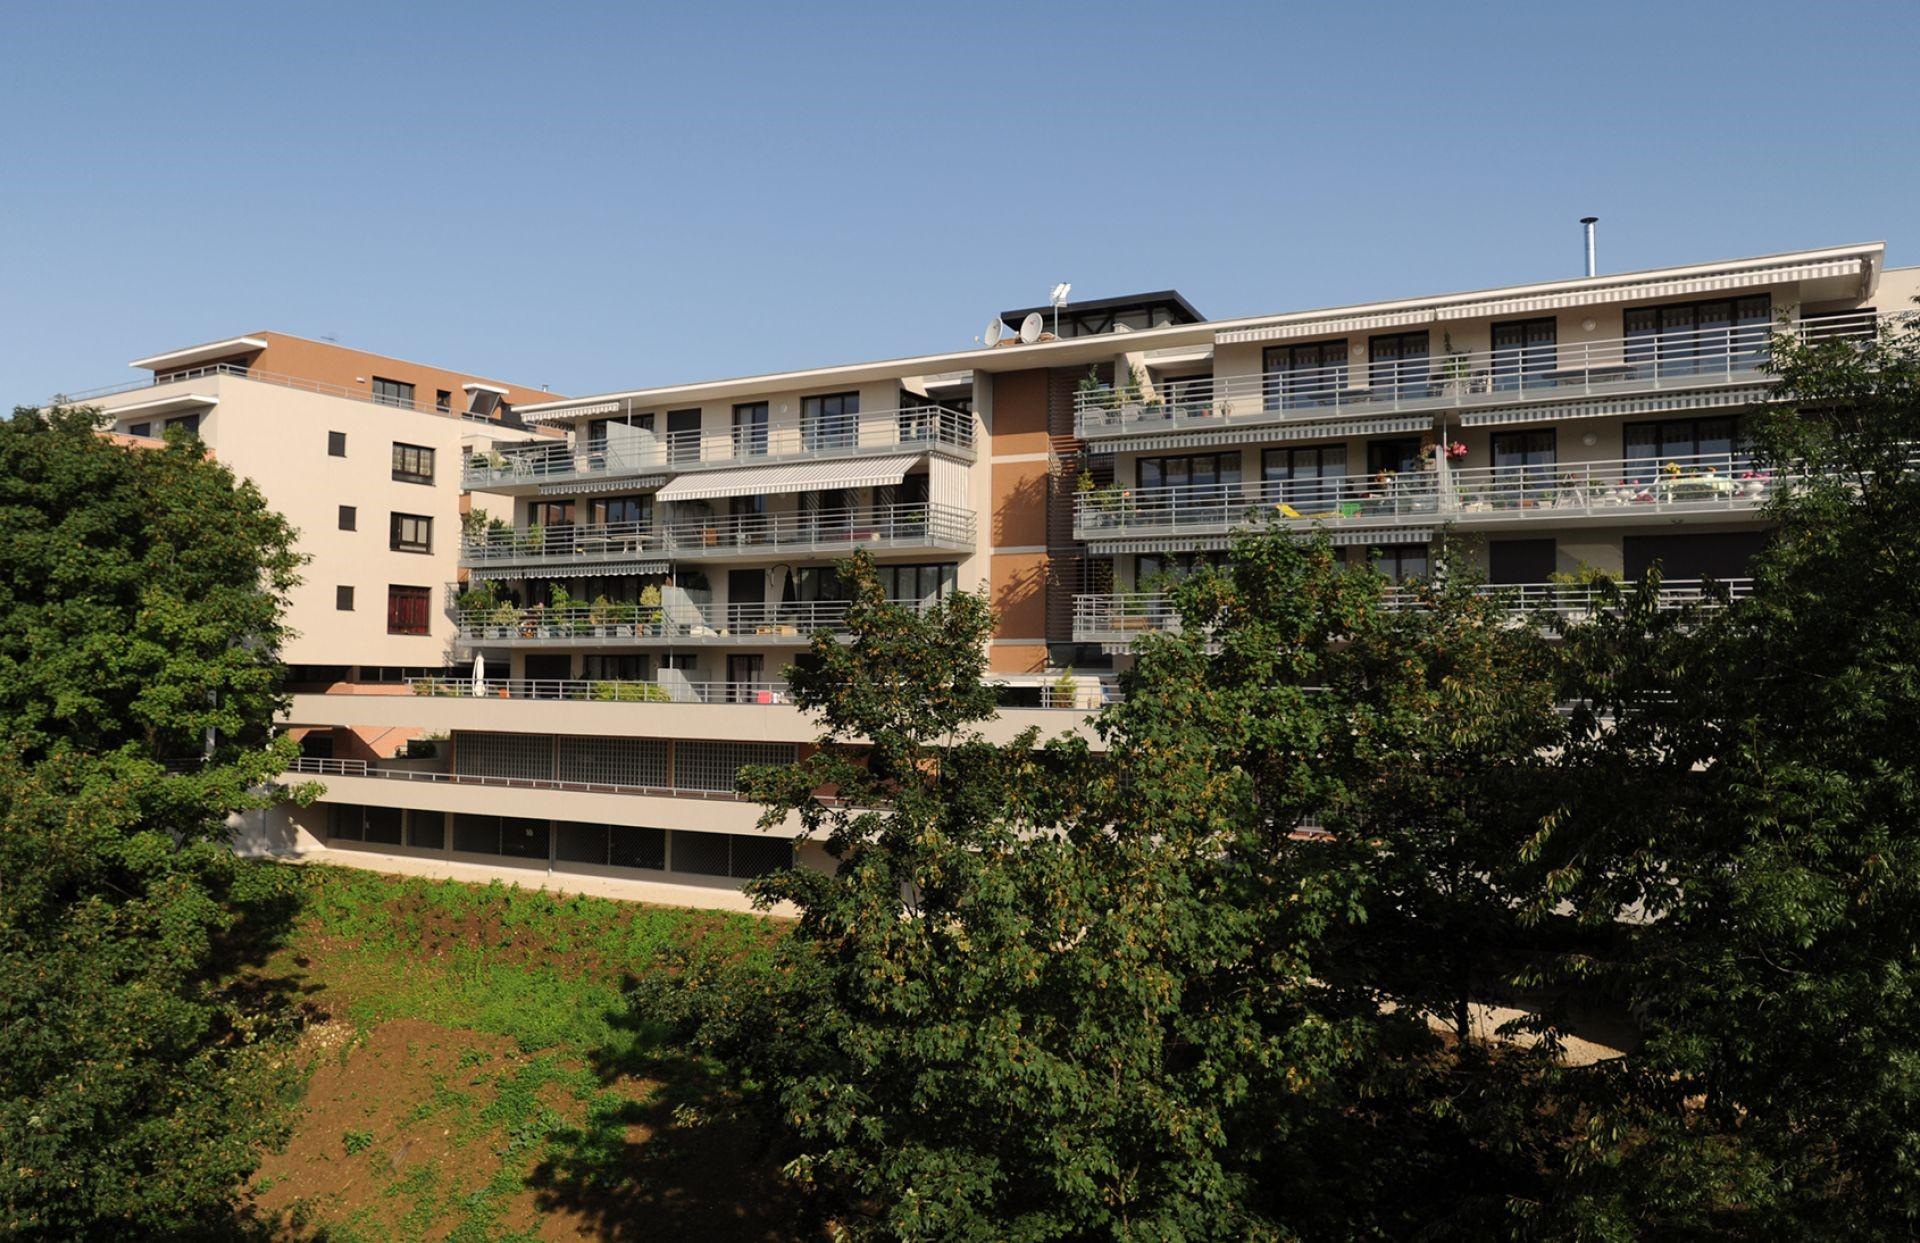 Louer un appartement : les étapes de la location